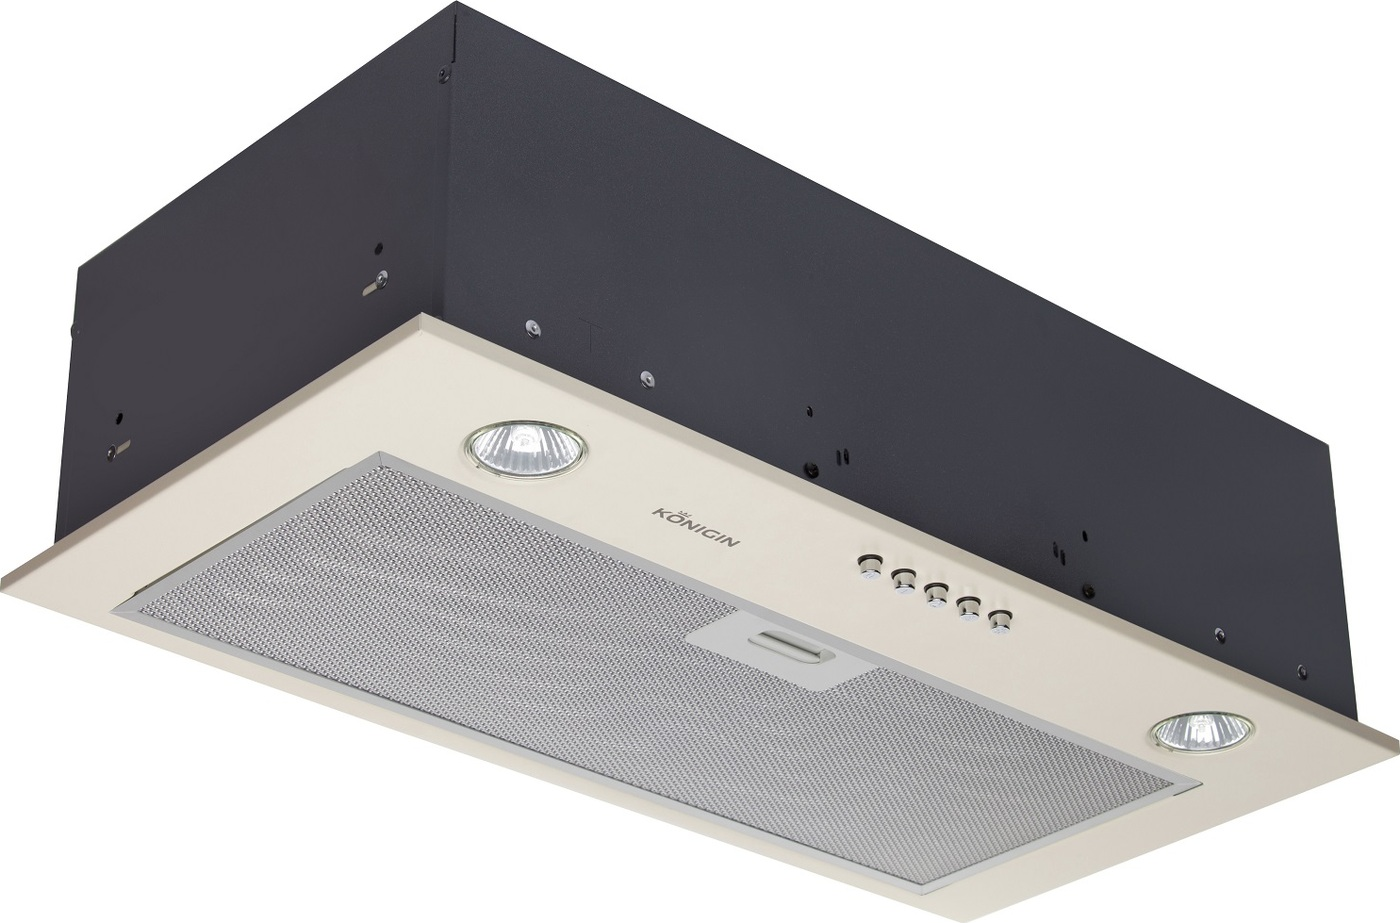 Кухонная вытяжка Konigin Inbox Plus (Ivory 60) Практичный современный дизайн Яркое галогеновое освещение Круглые...